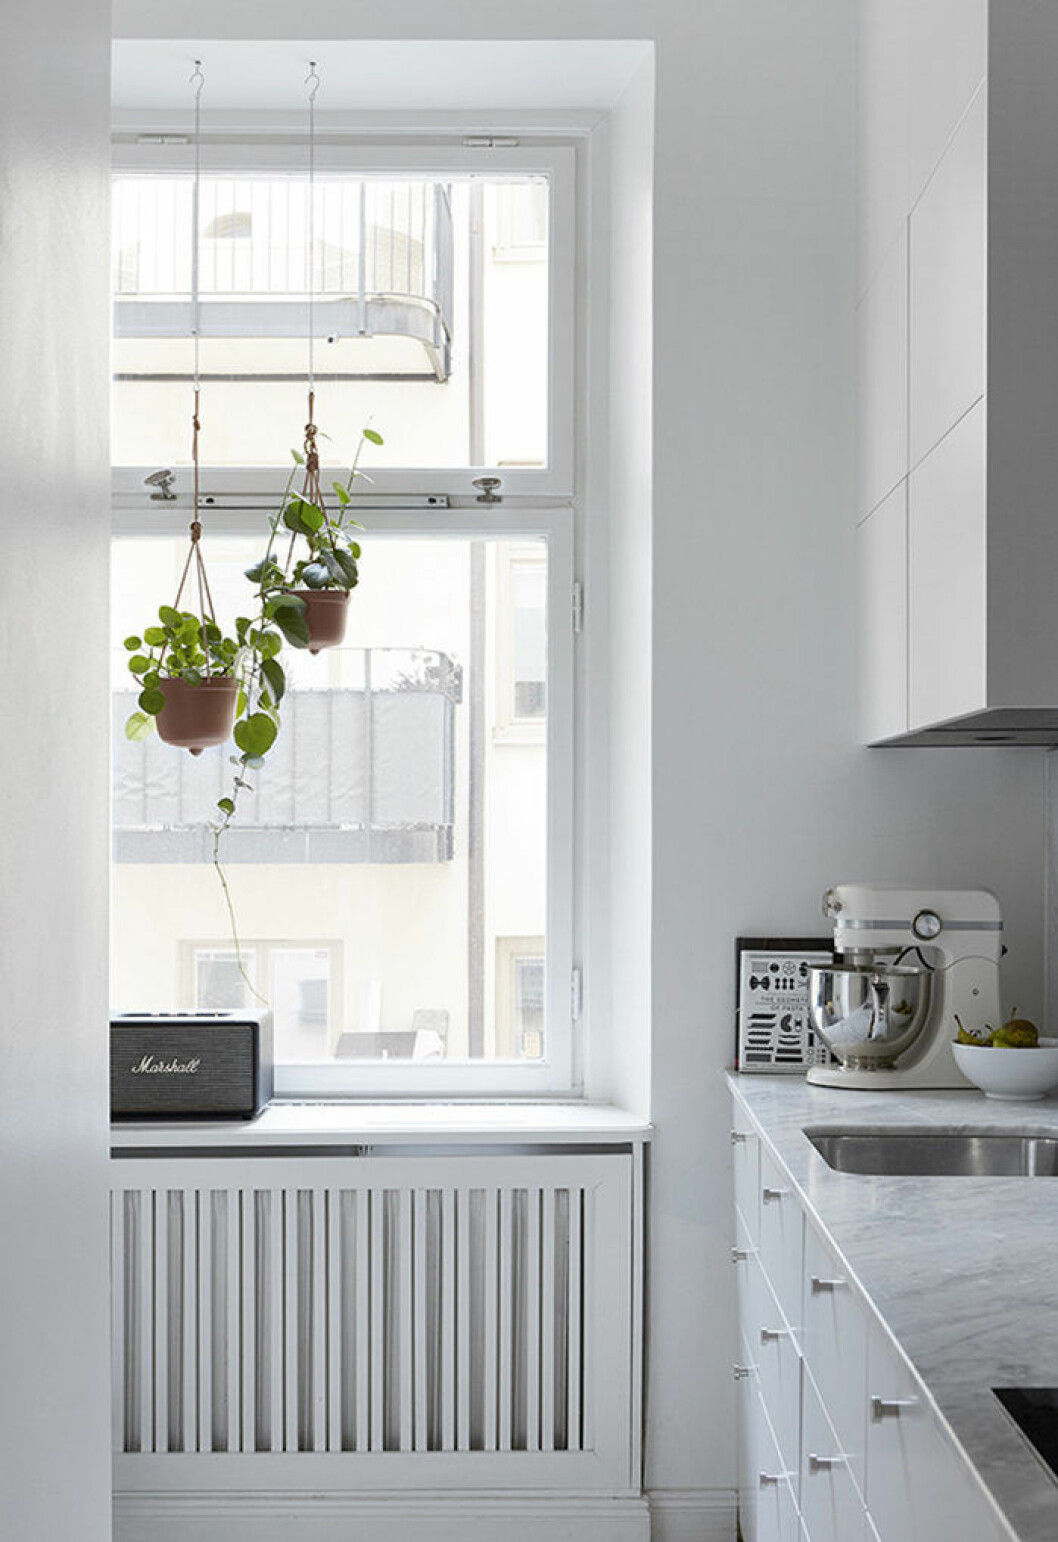 Häng upp växterna i fönstret – ett smart compact living-knep